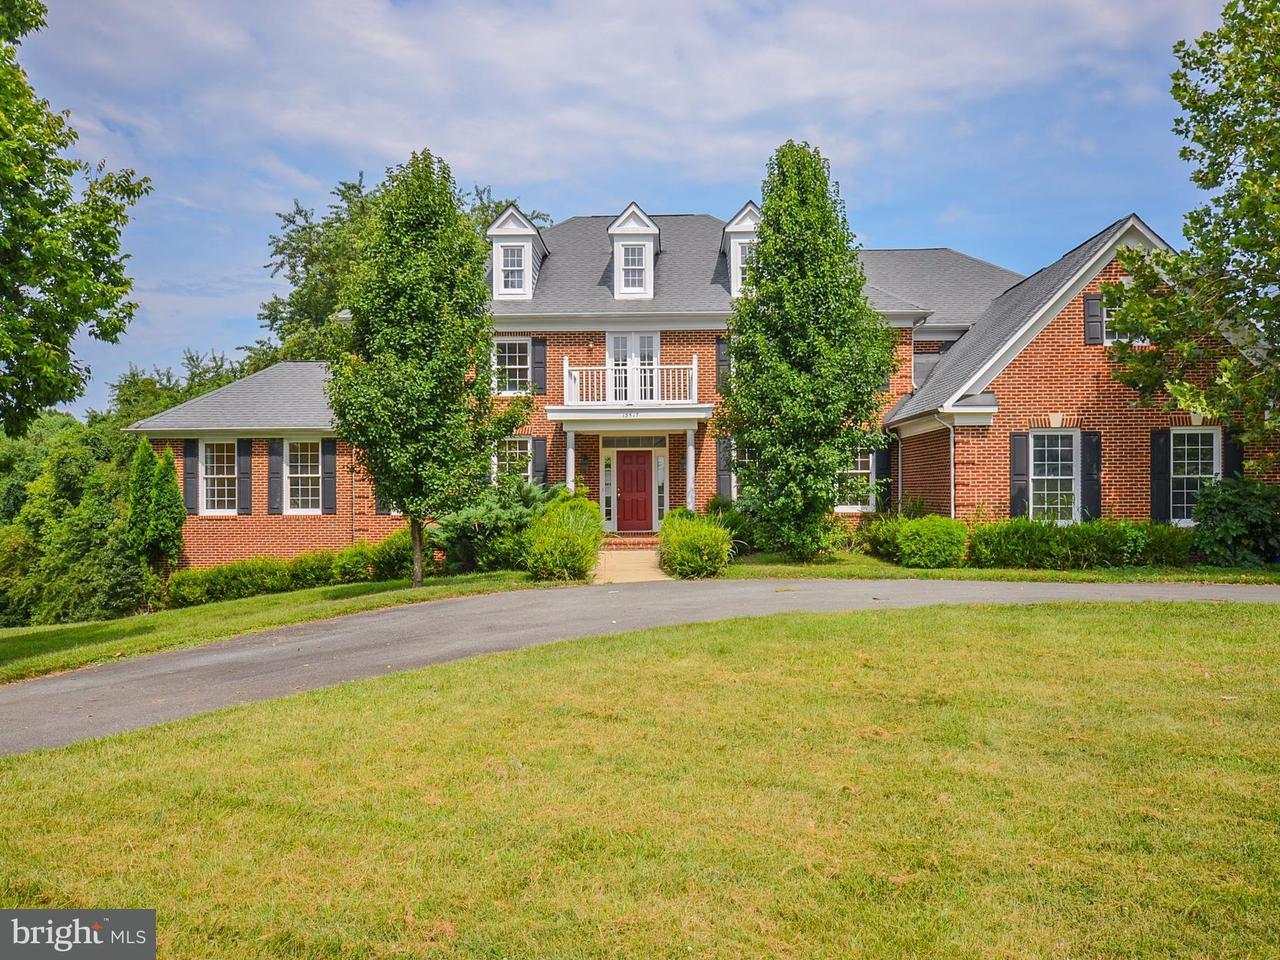 Casa Unifamiliar por un Venta en 13517 MAGRUDER FARM Court 13517 MAGRUDER FARM Court Potomac, Maryland 20854 Estados Unidos